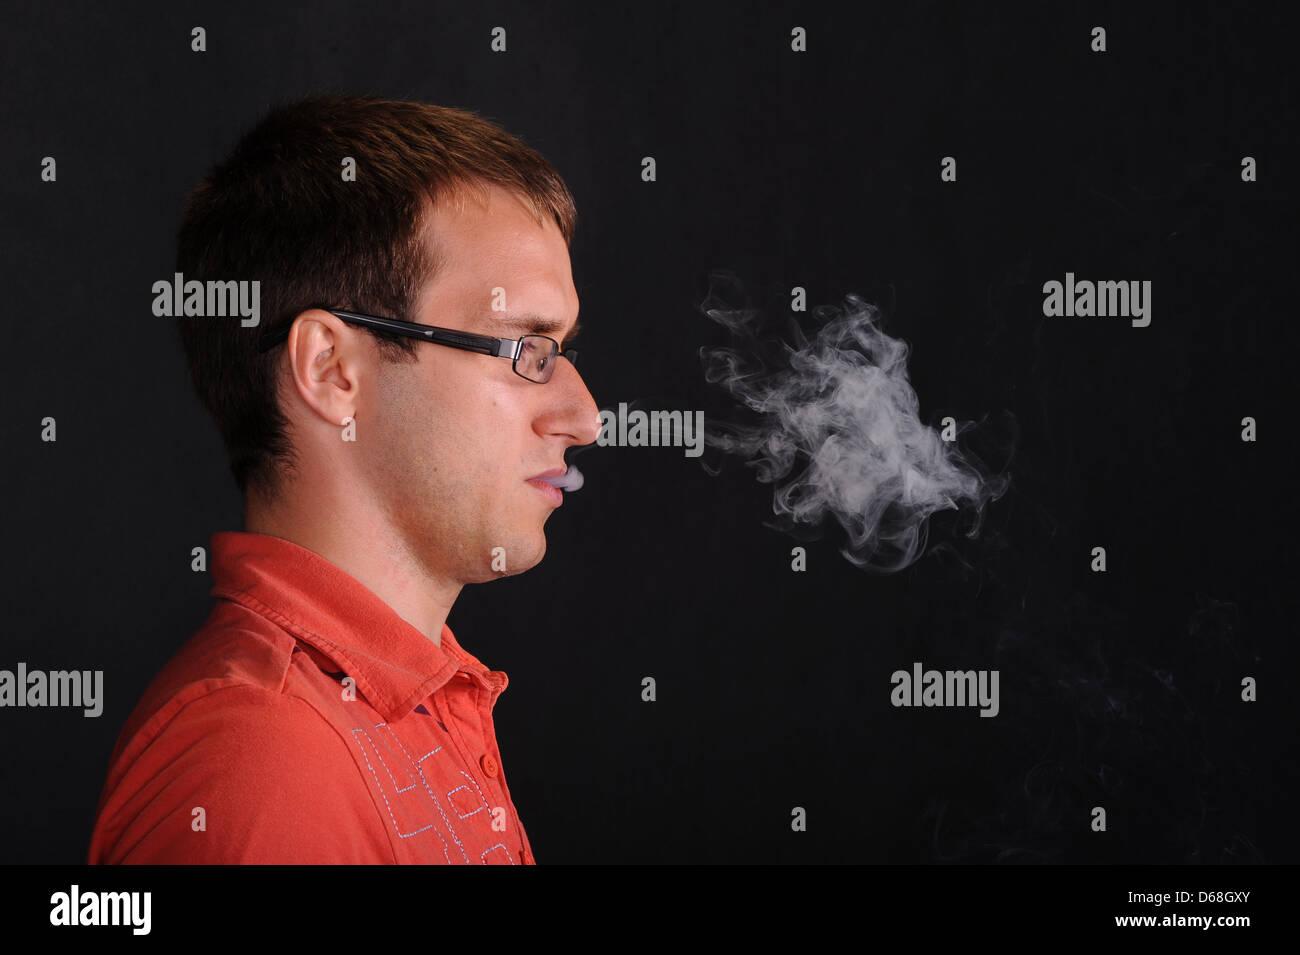 Man blowing smoke - Stock Image